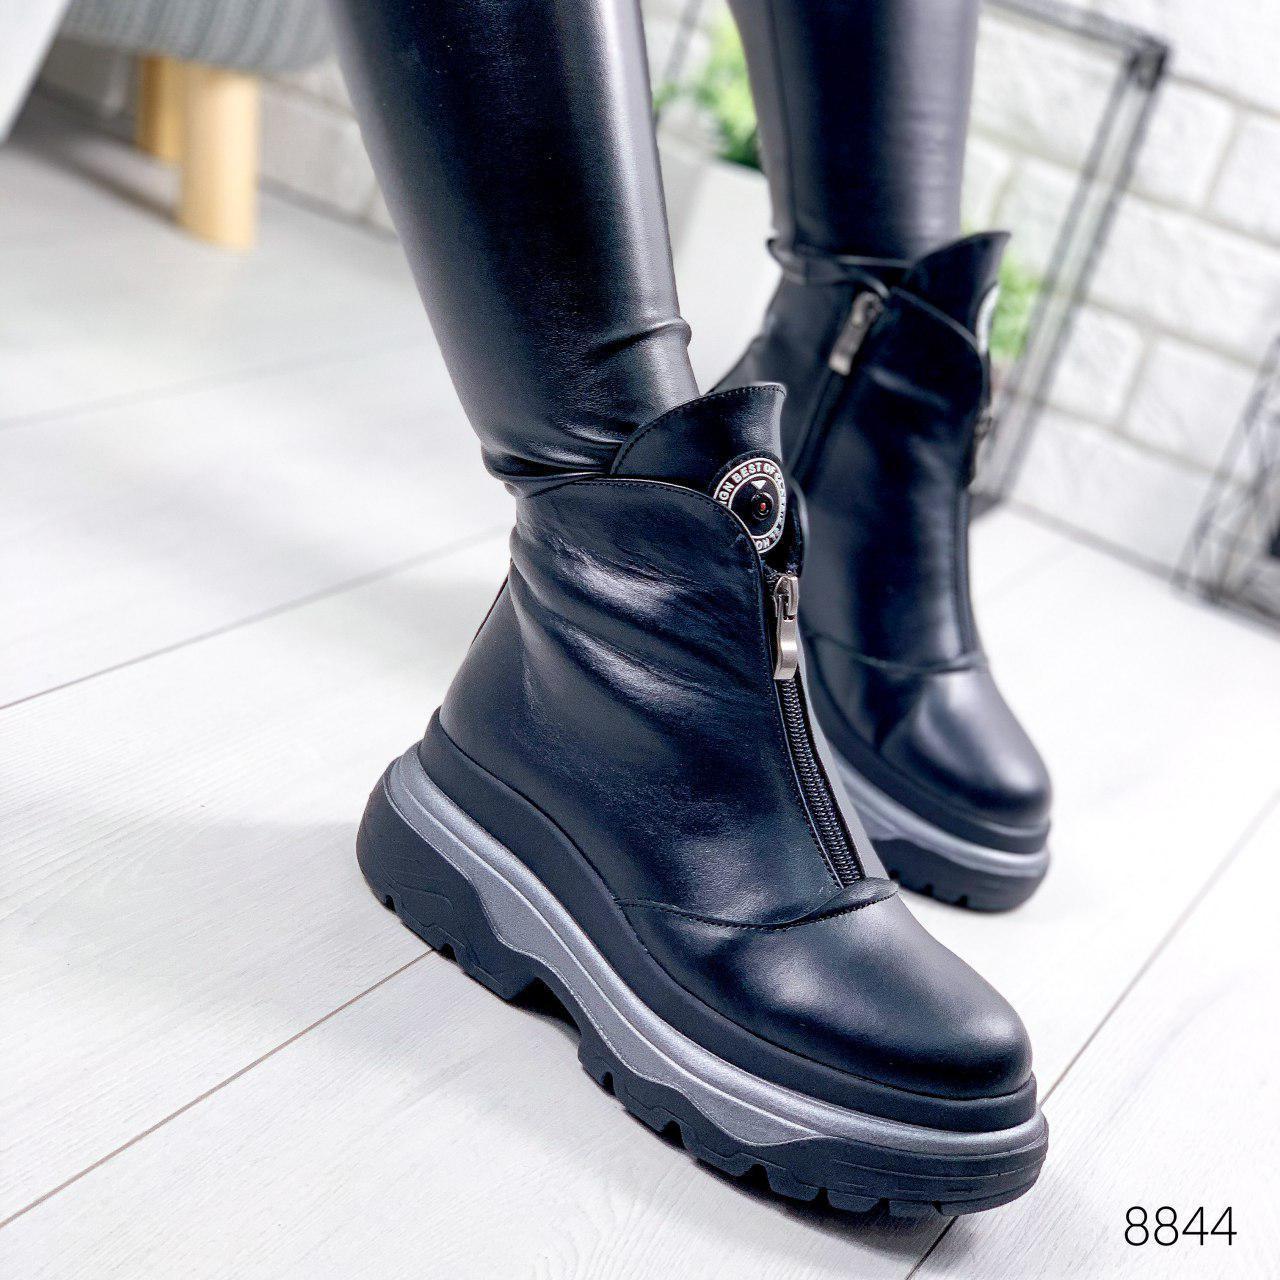 """Черевики жіночі зимові, чорного кольору з натуральної шкіри """"8844"""". Черевики жіночі. Теплі черевики"""